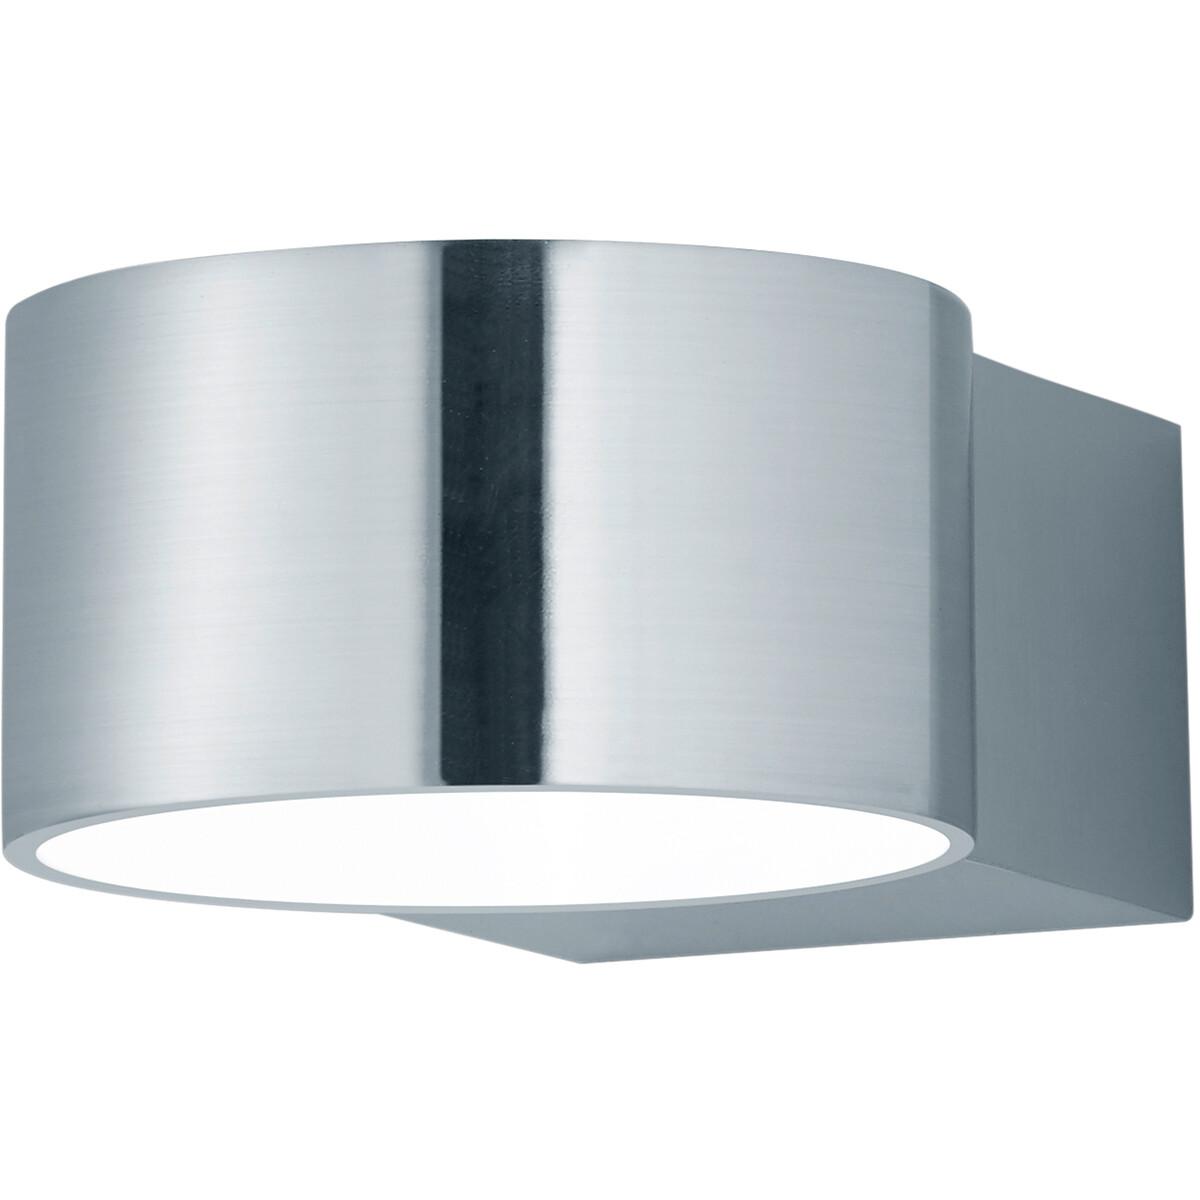 OSRAM - LED Wandlamp - Trion Lapaco - 4W - Warm Wit 3000K - Rond - Mat Nikkel - Aluminium